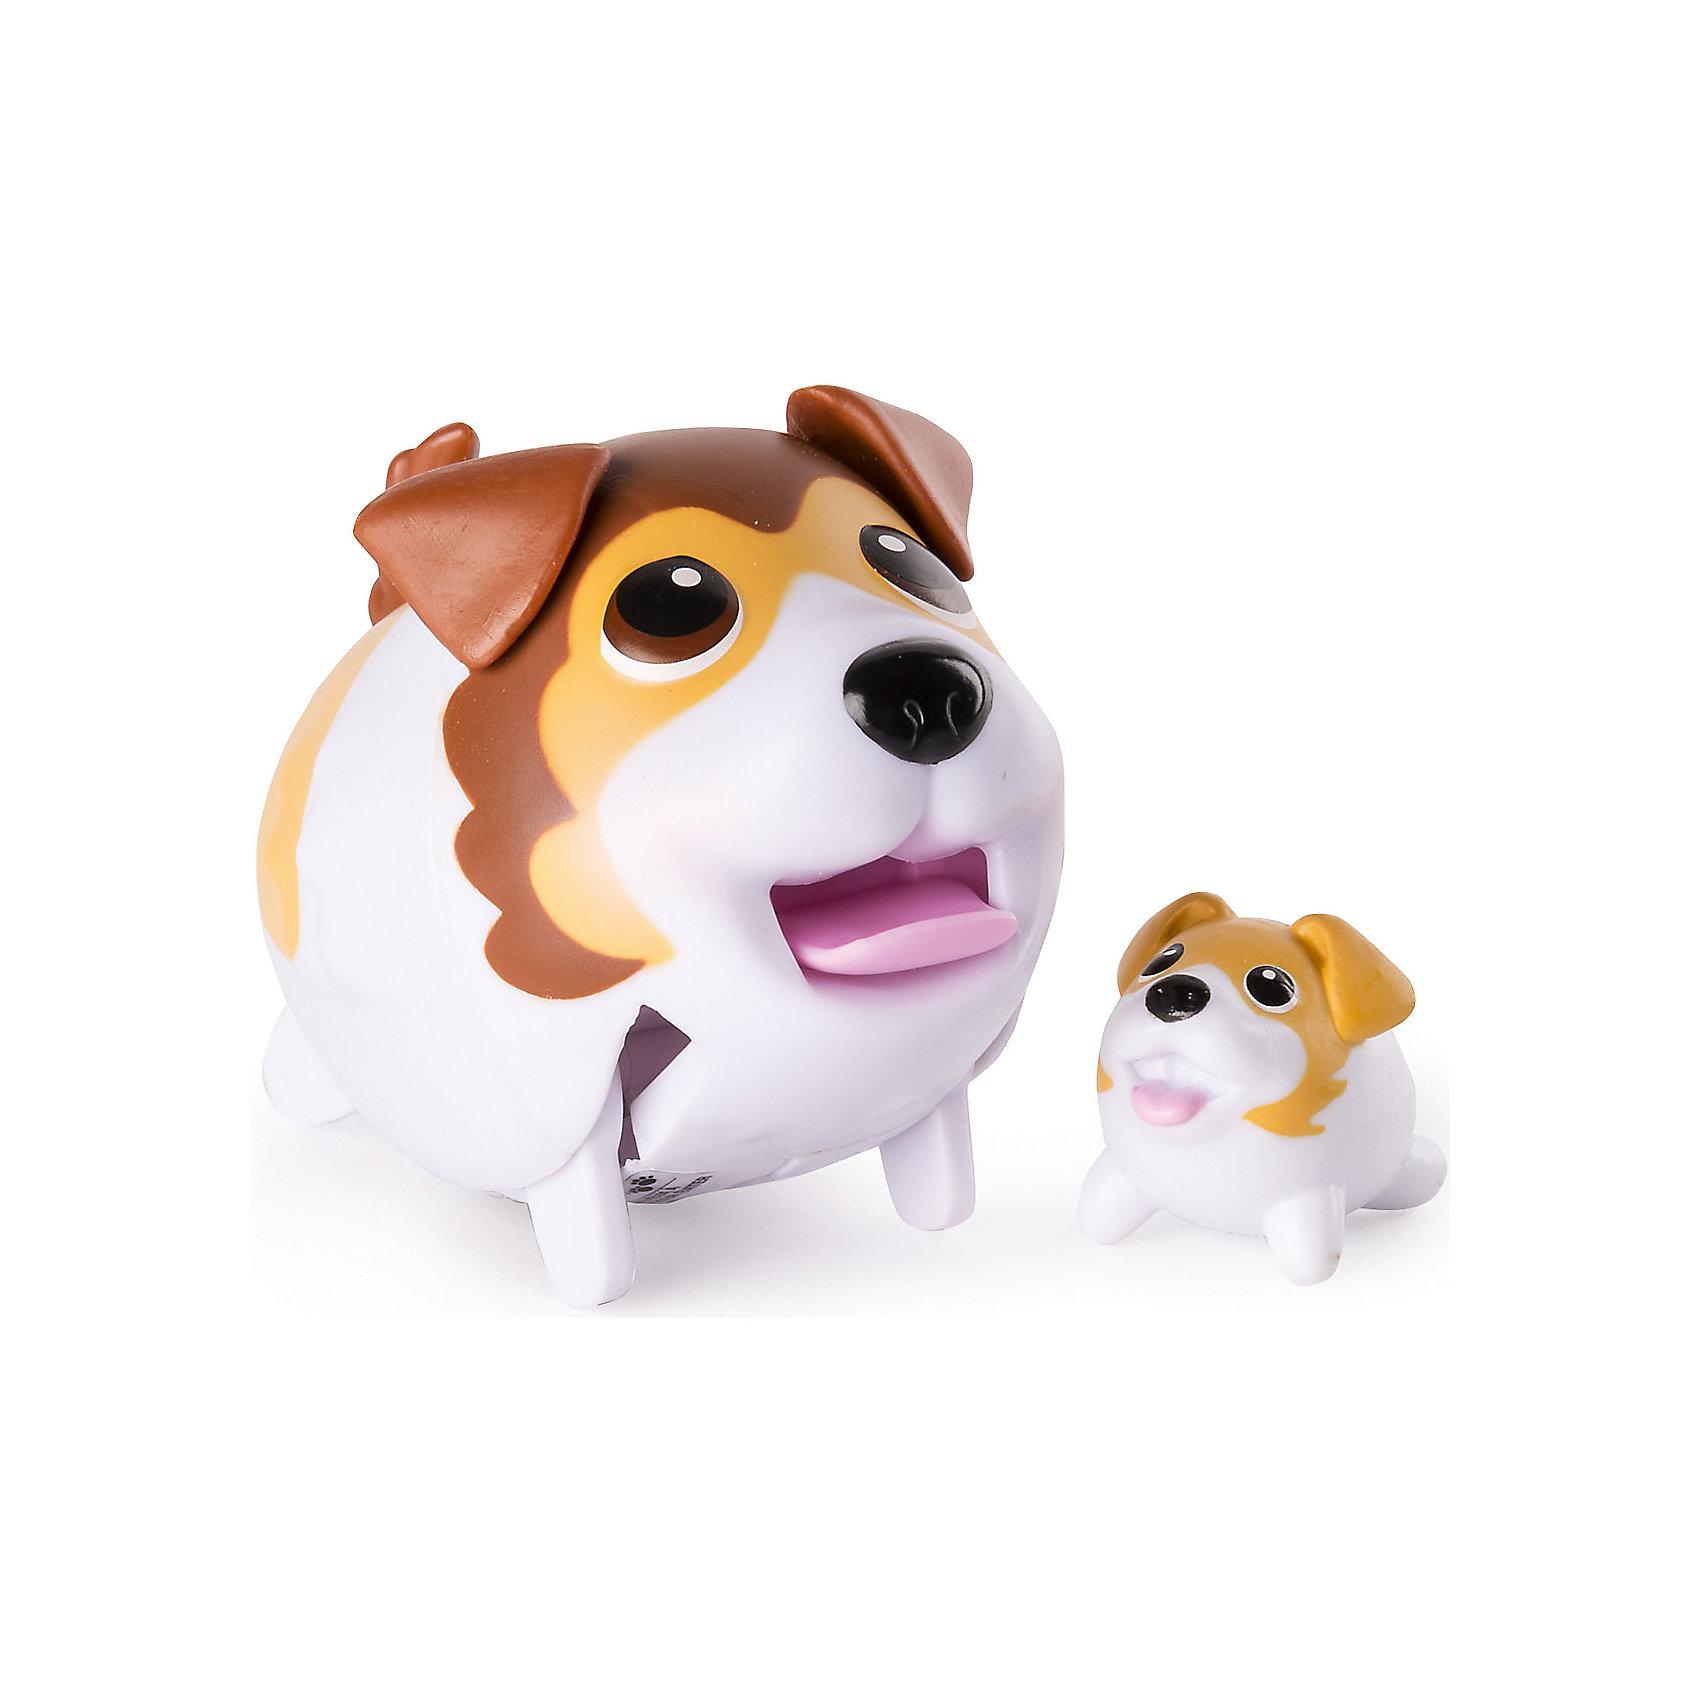 Коллекционная фигурка Шелти, Chubby PuppiesЛюбимые герои<br>Характеристики товара:<br><br>- цвет: разноцветный;<br>- материал: пластик;<br>- размер упаковки: 15х8х11 см;<br>- вес: 200 г;<br>- комплектация: большая и маленькая фигурки. <br><br>Игрушки от бренда Chubby Puppies - это симпатичные собачки, которые умеют забавно двигаться. Эта игрушка очень качественно выполнена, поэтому она станет отличным подарком ребенку. Такое изделие отлично тренирует у ребенка разные навыки: играя с ней, малыш развивает мелкую моторику, цветовосприятие, внимание, воображение и творческое мышление.<br>Данная модель дополнена маленькой копией животного! Из этих фигурок можно собрать целую коллекцию! Изделие произведено из высококачественного материала, безопасного для детей.<br><br>Коллекционную фигурку Шелти от бренда Chubby Puppies можно купить в нашем интернет-магазине.<br><br>Ширина мм: 80<br>Глубина мм: 110<br>Высота мм: 150<br>Вес г: 195<br>Возраст от месяцев: 36<br>Возраст до месяцев: 2147483647<br>Пол: Унисекс<br>Возраст: Детский<br>SKU: 5097946